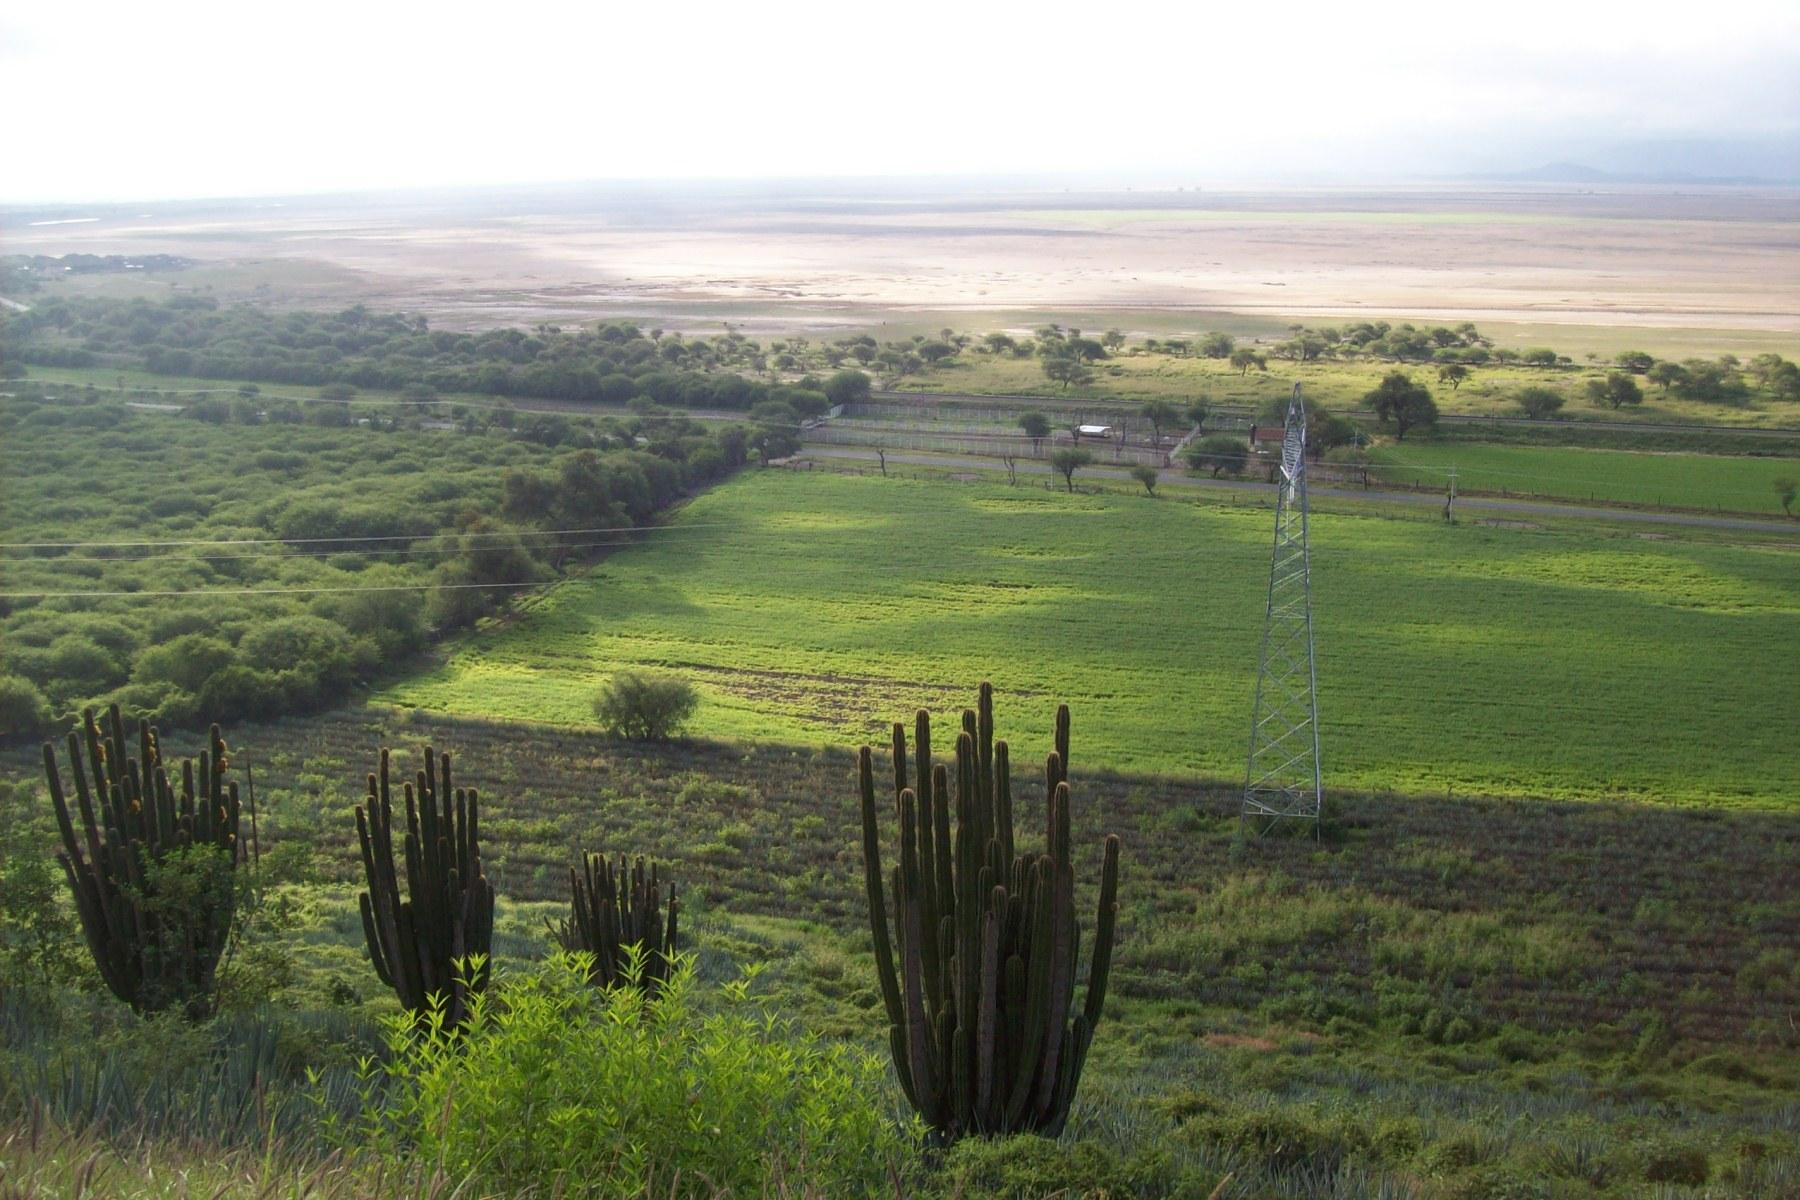 Vista aérea de la cuenca Zacoalco-Sayula